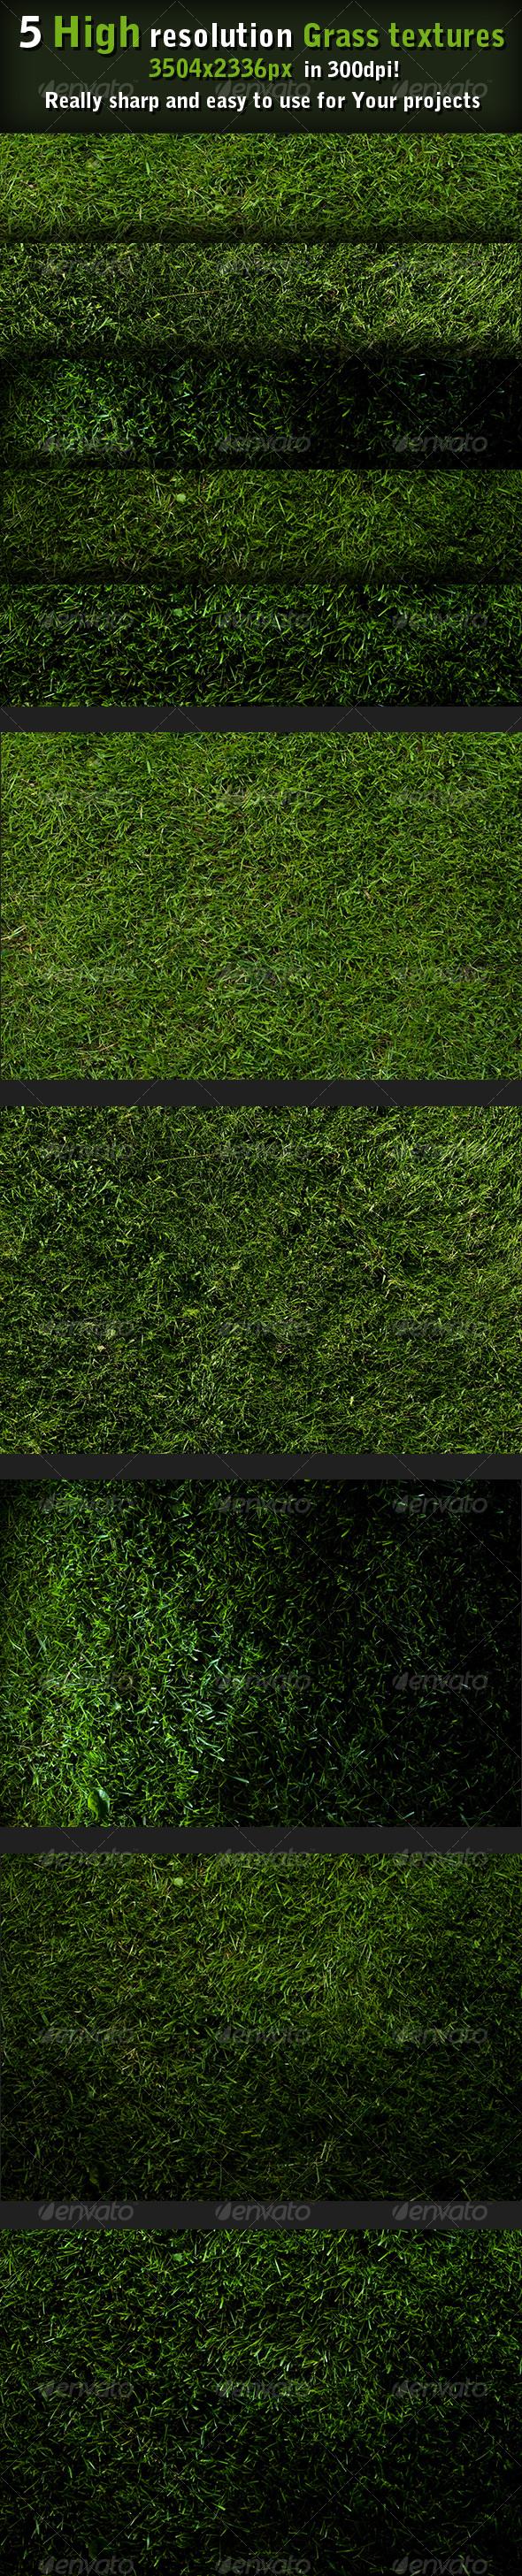 5 Grass textures high resolution - Nature Textures